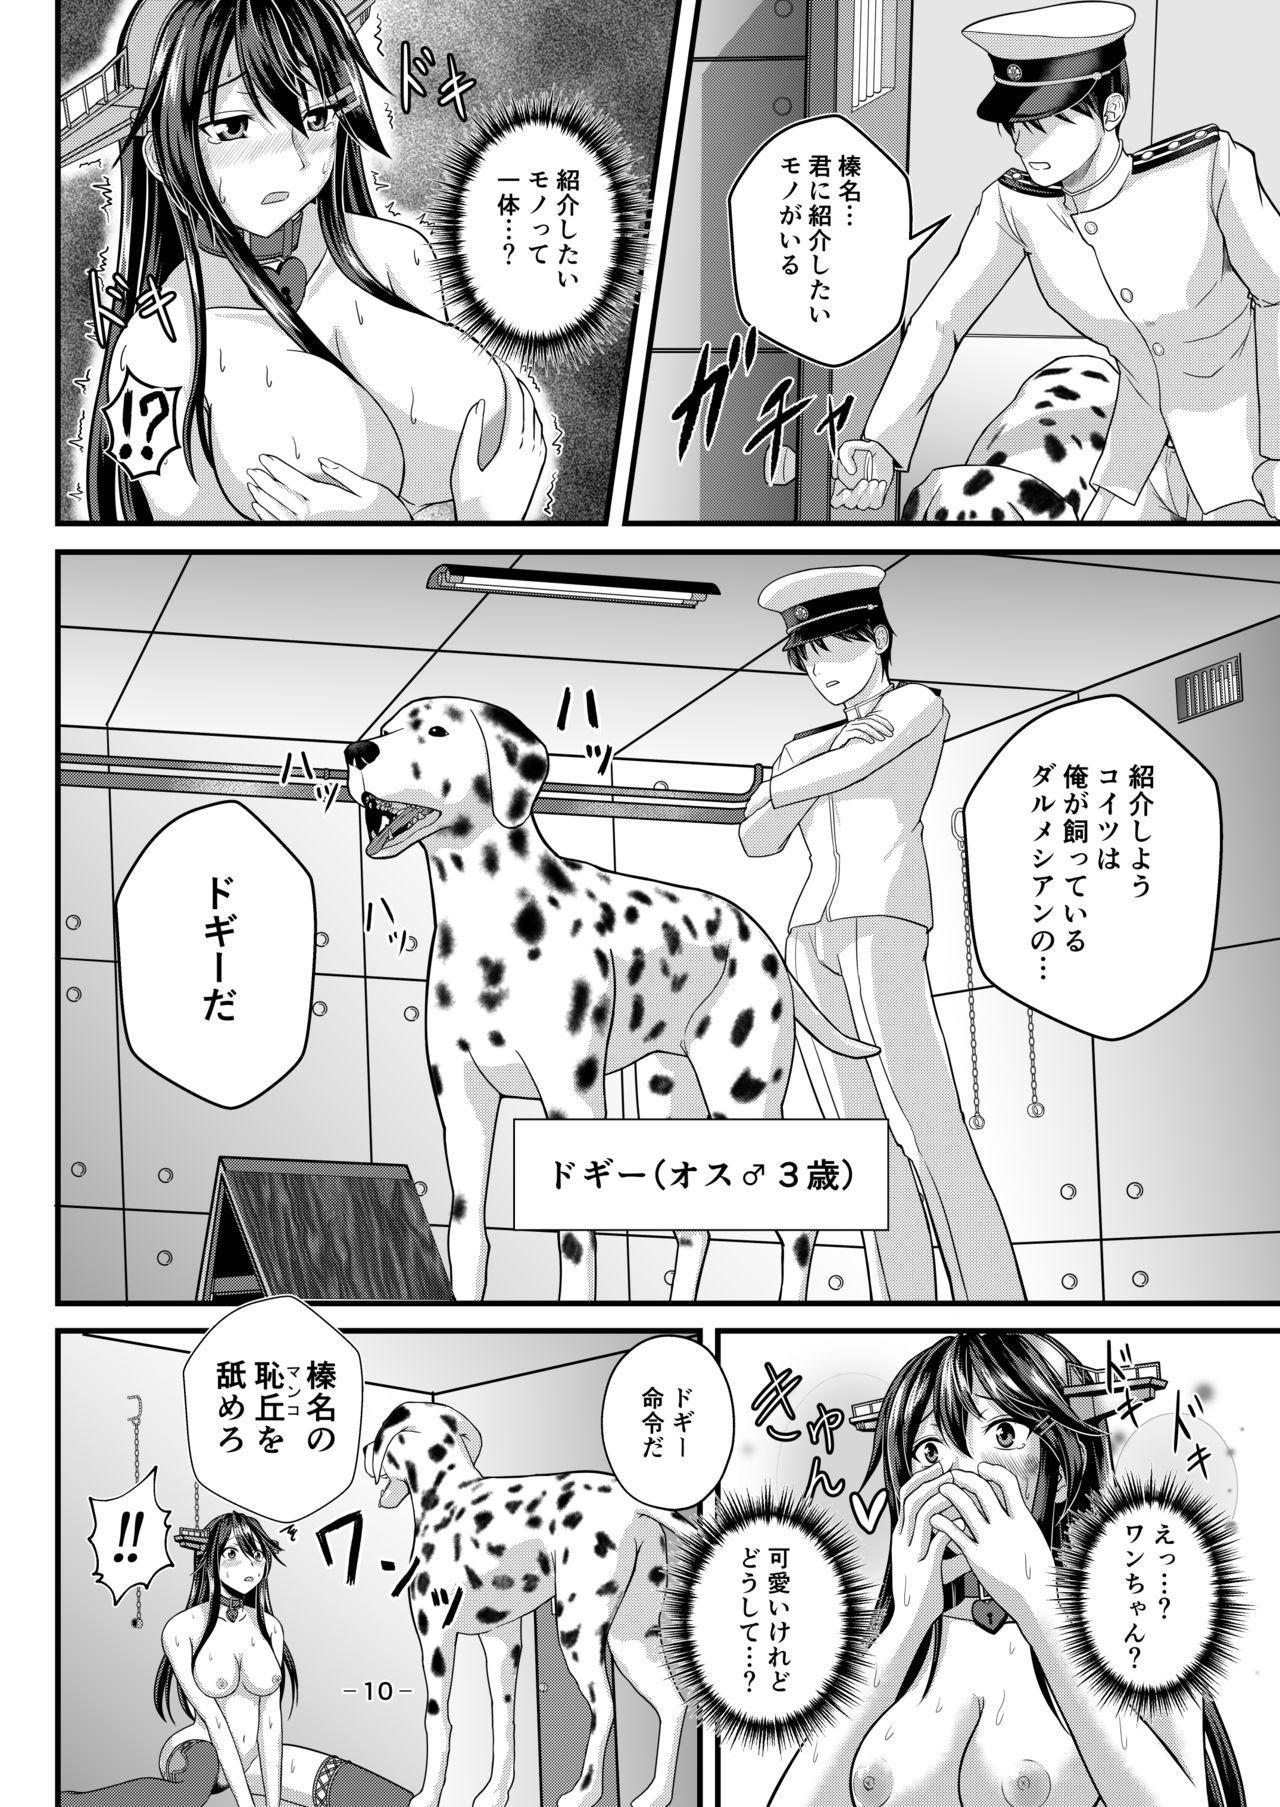 Hai, Haruna wa Daijoubu desu! Haruna x Sakunyuu x Juukan 8